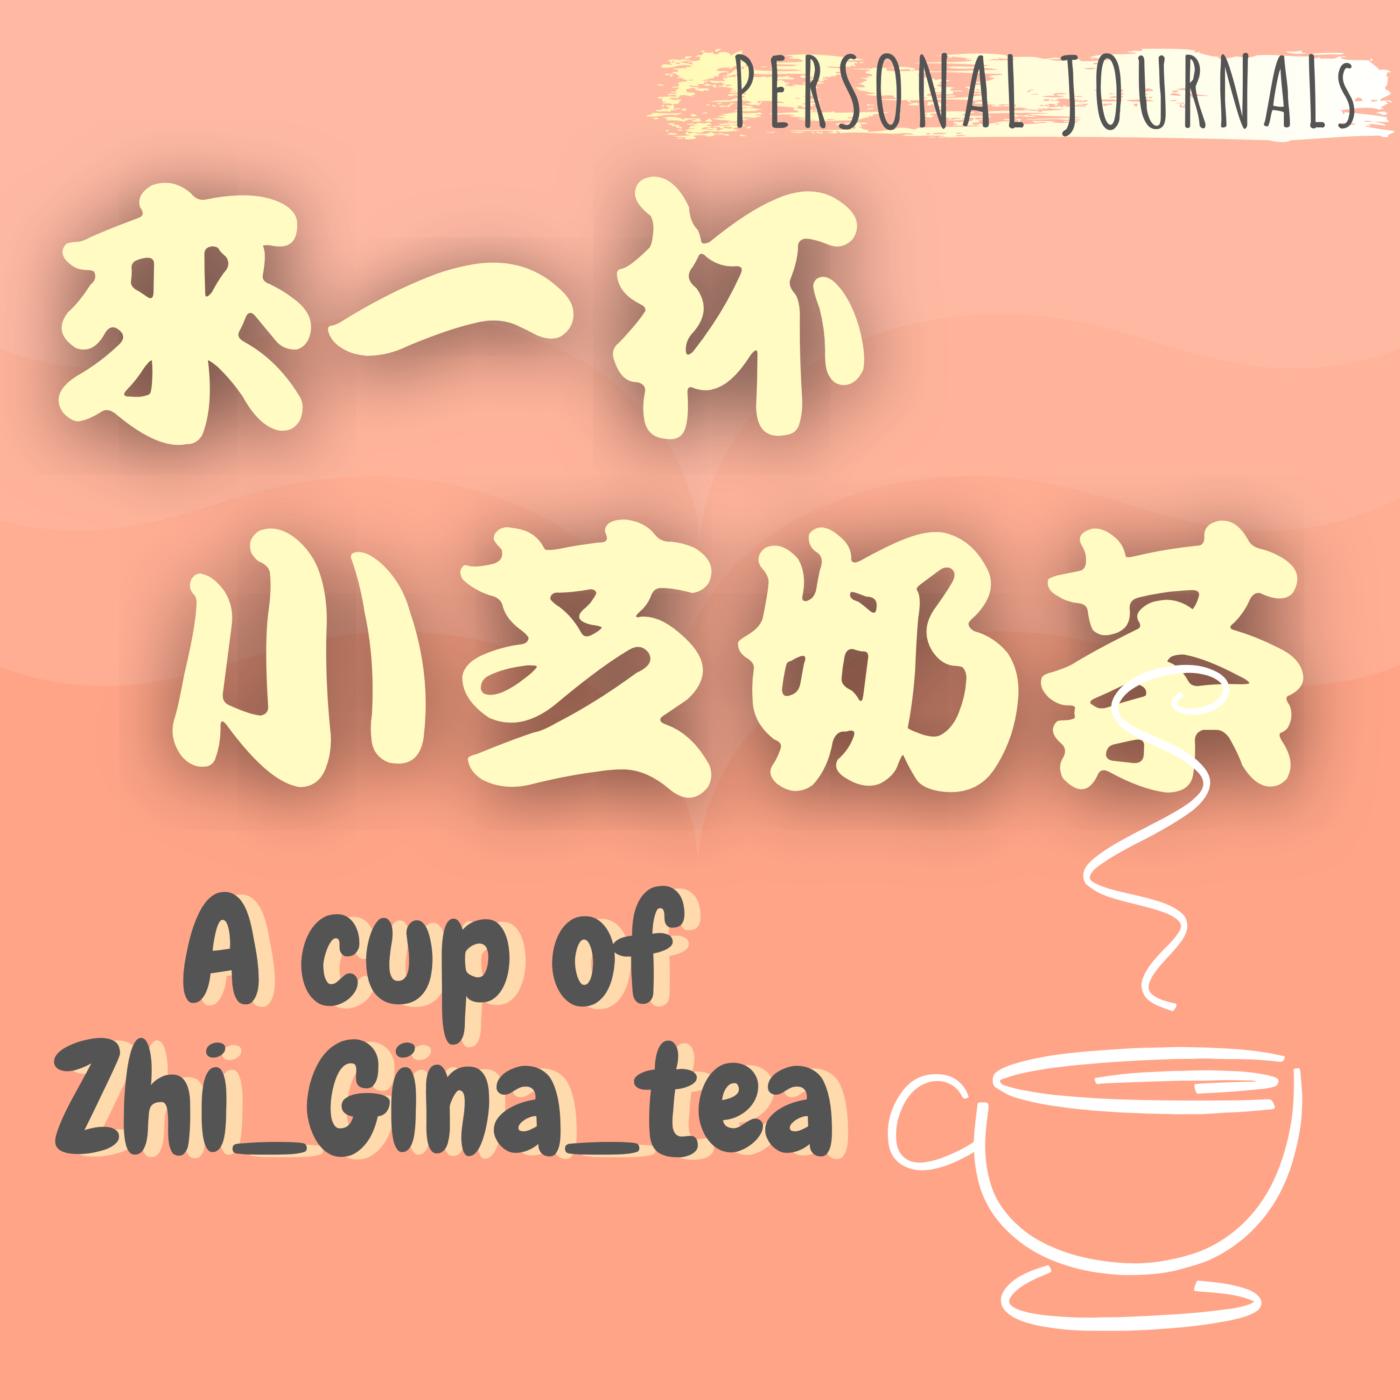 來一杯小芝奶茶 A cup of Zhi_Gina_tea